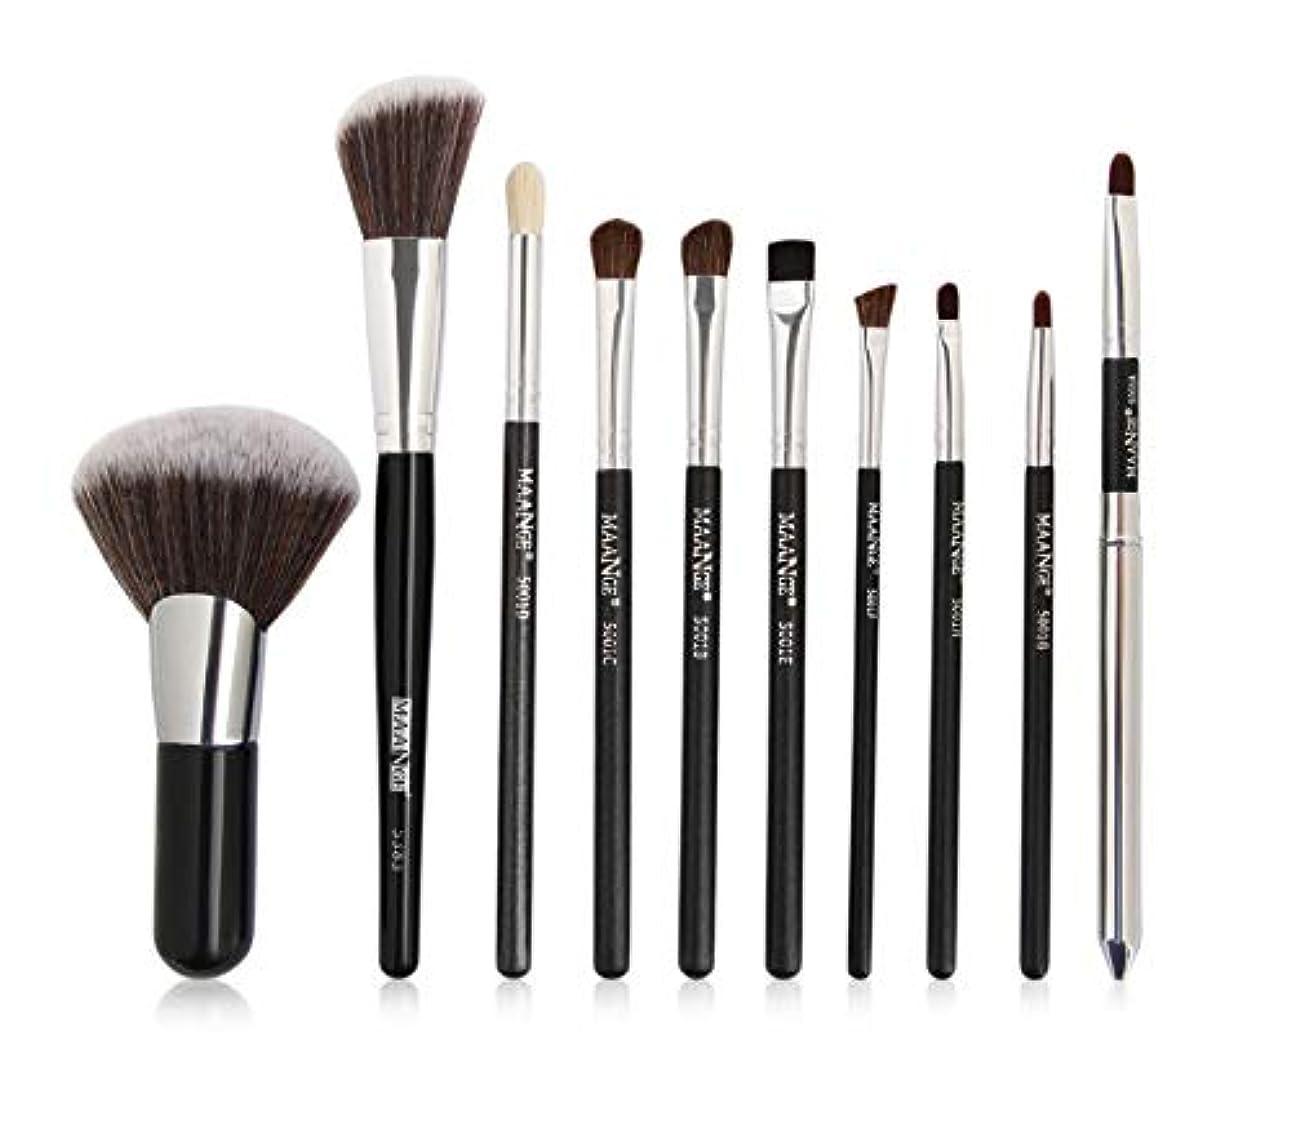 多様なフラッシュのように素早く分析する化粧ブラシセット、10木製ハンドル馬毛化粧ブラシセットアイブラシ、初心者やメイクアップアーティストのための美容ツールの実用的なフルセット